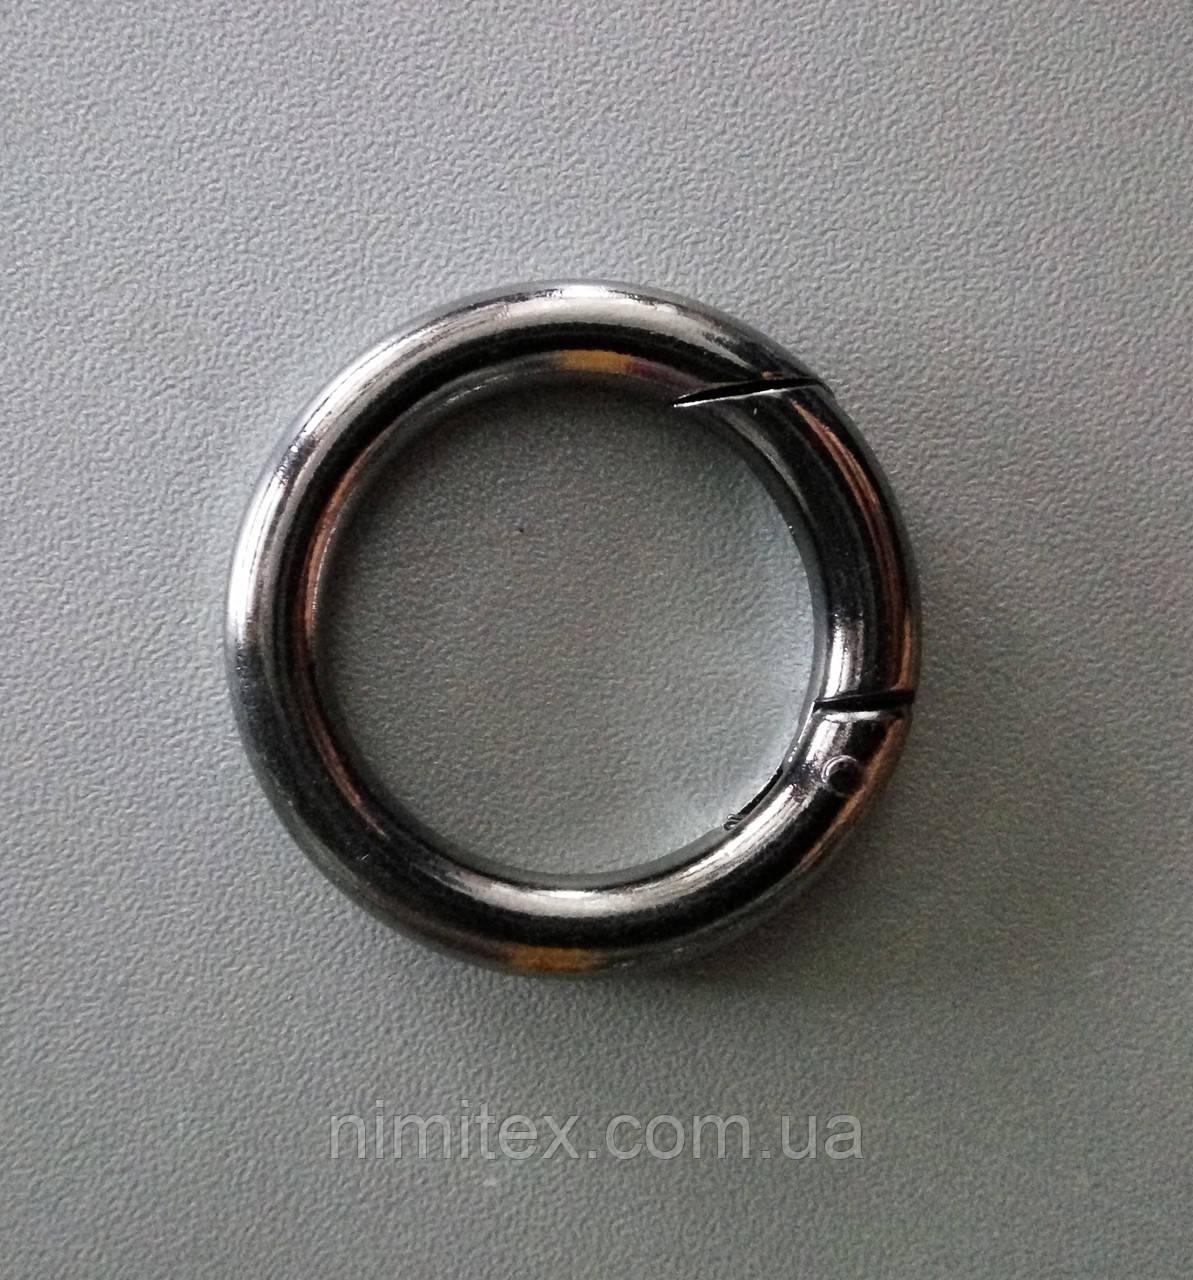 Кольцо-карабин 28 мм черный никель